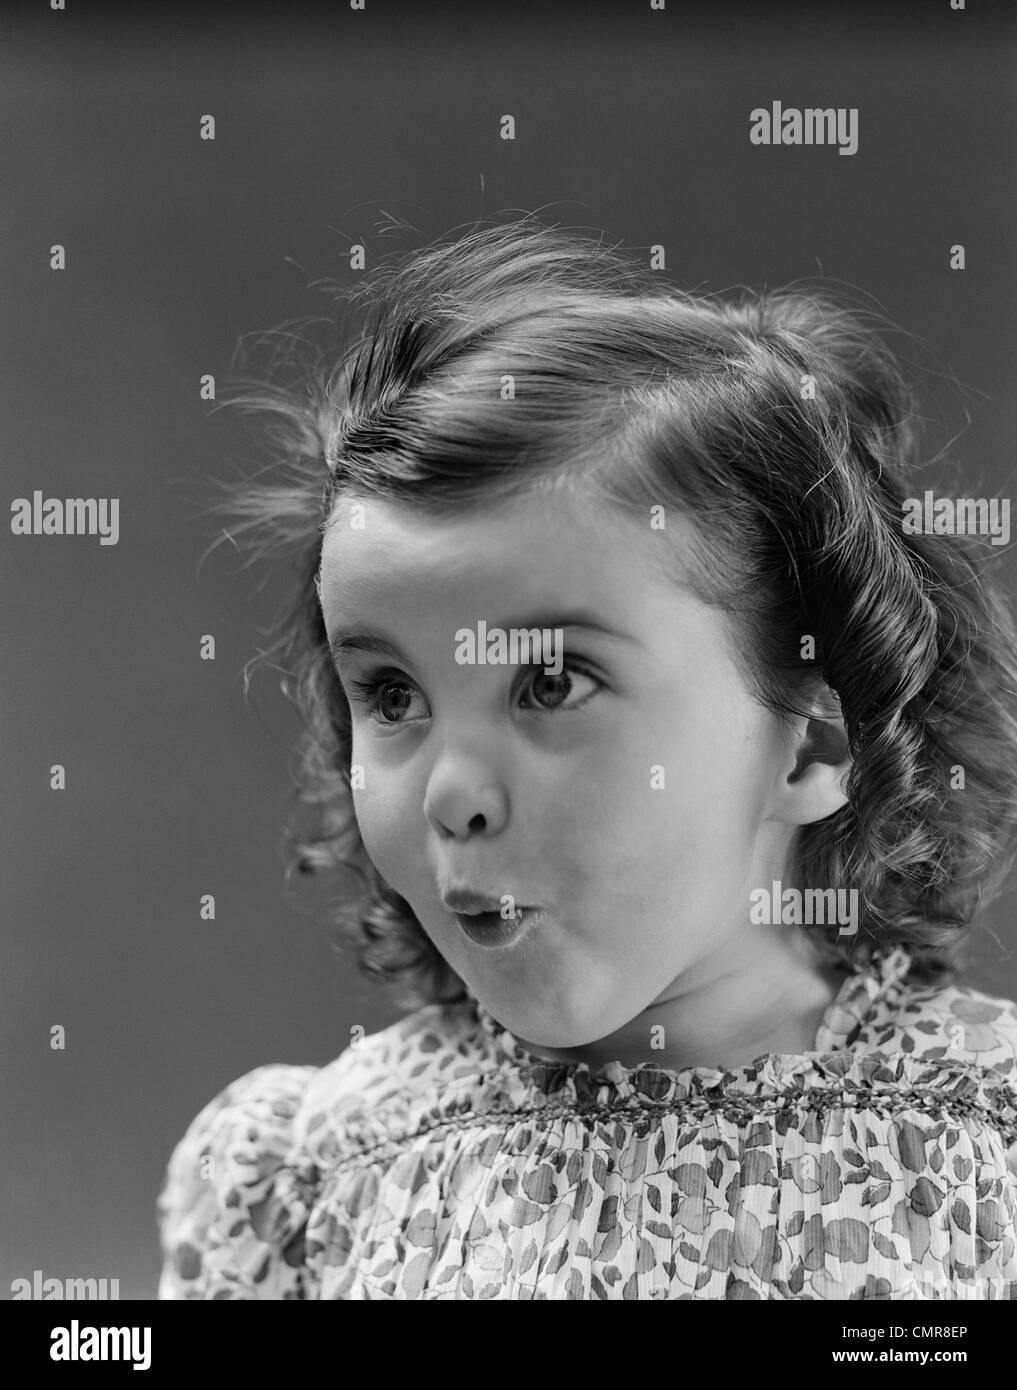 1930 Retrato Niña morena con sorpresa sorprendido la expresión facial Imagen De Stock